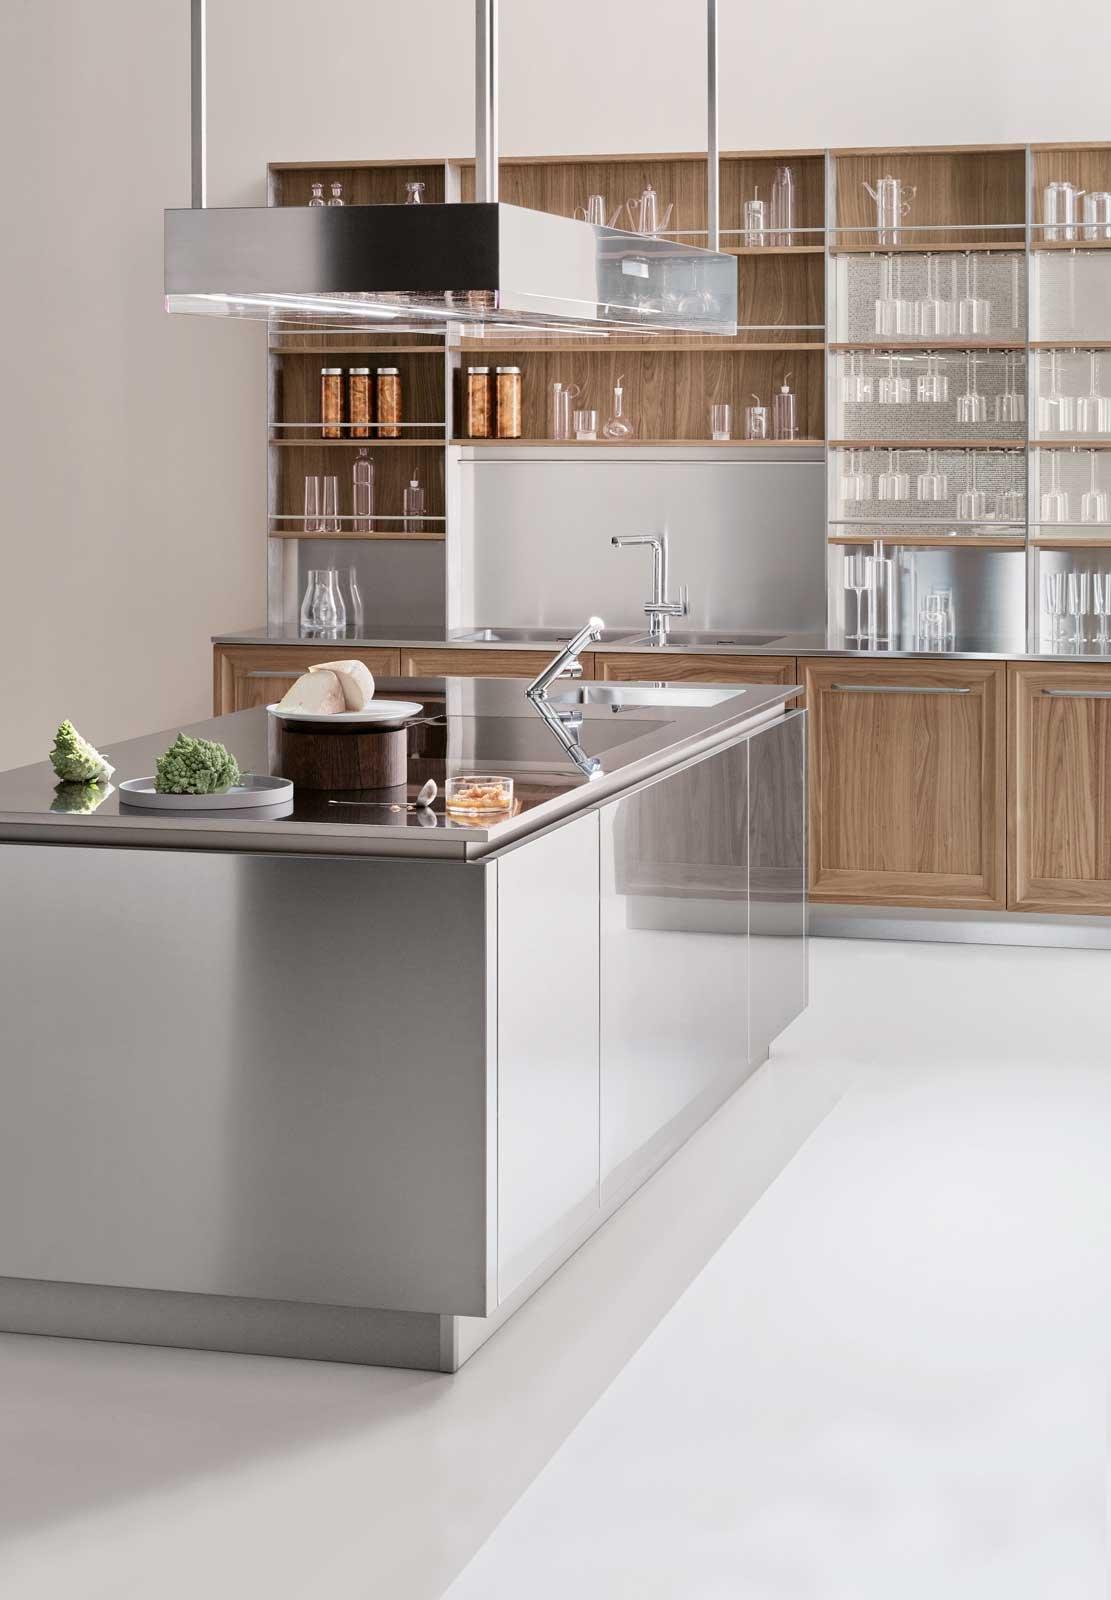 Piano di lavoro in cucina materiali e caratteristiche - Materiale top cucina ...